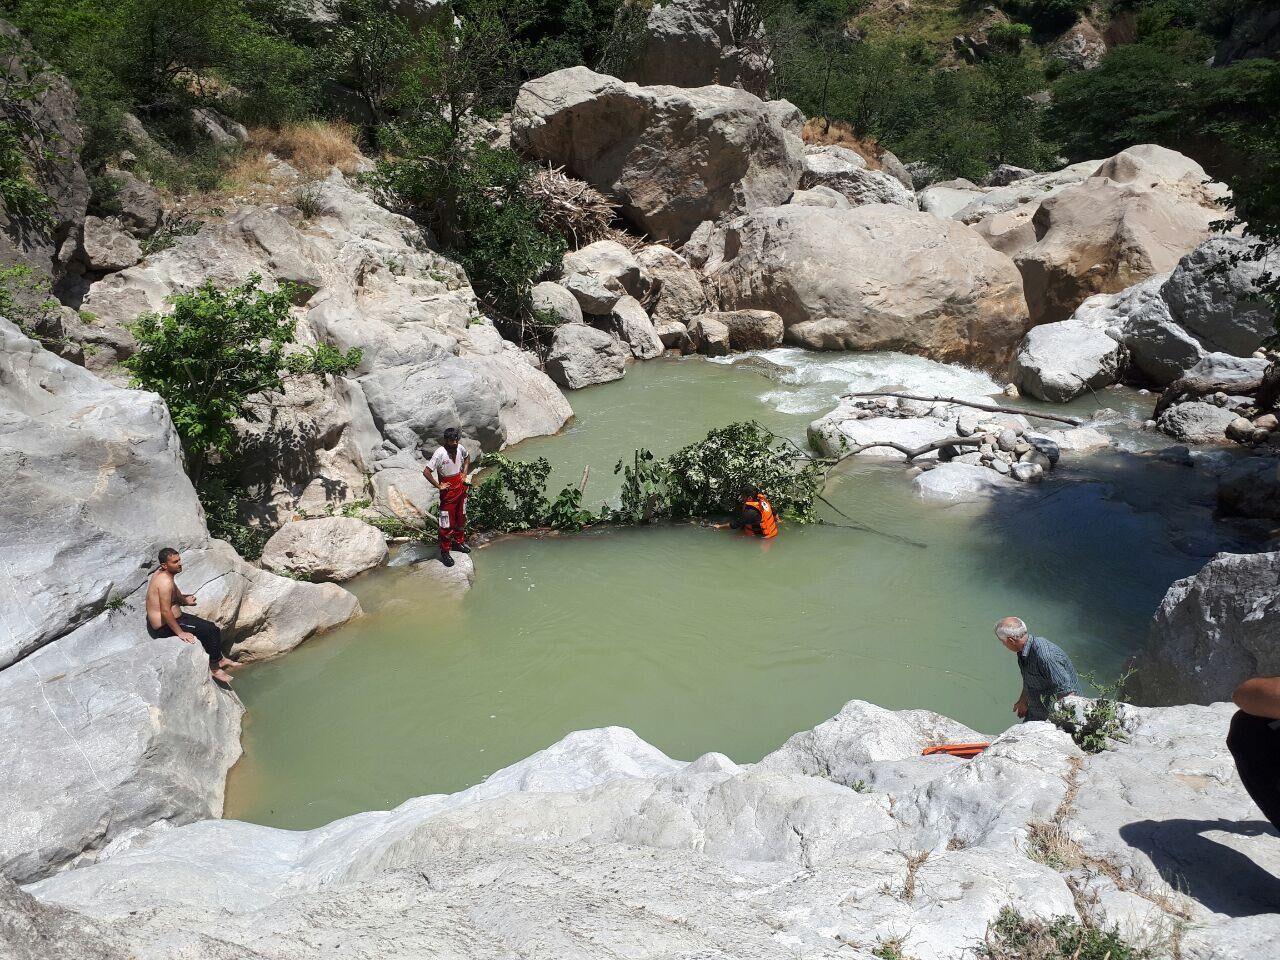 نجاتگران هلال احمر پیکر جوان مغروق در رودسر را پیدا کردند